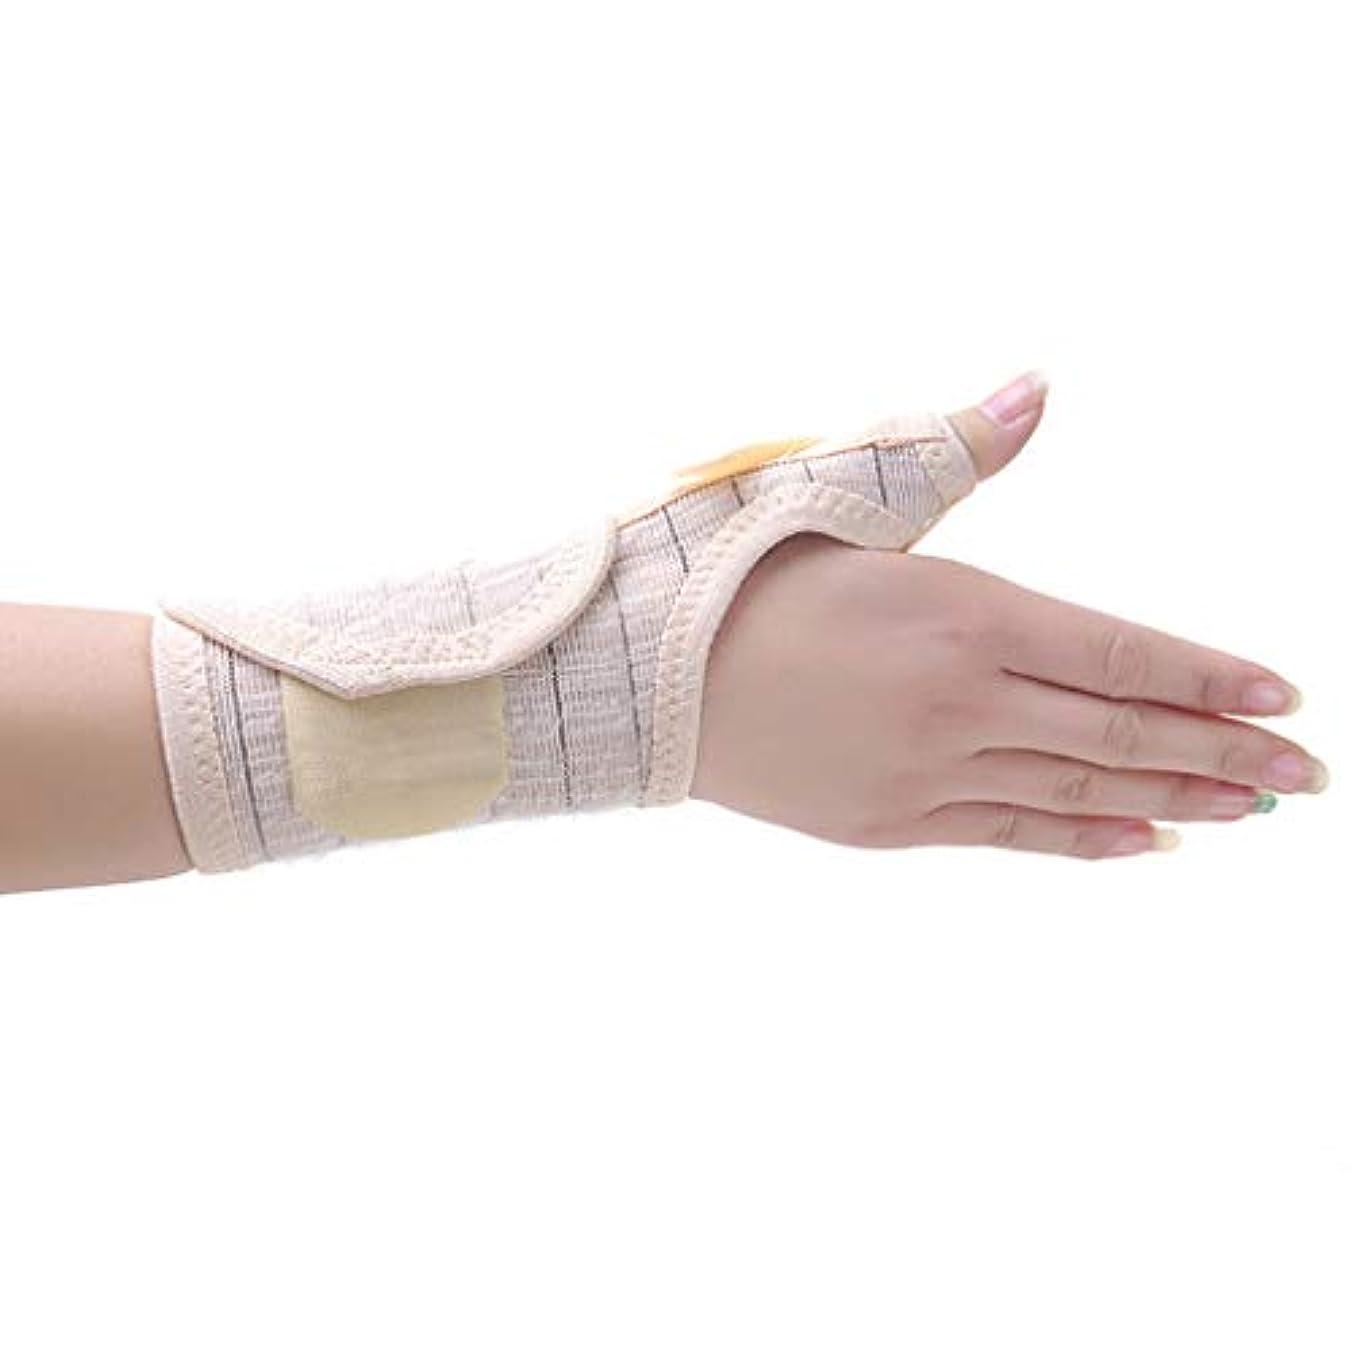 裕福なありふれた防水手首のストラップ、ワンサイズ、ハンドサポート、左手/右手、手首を保護、腿を捻挫、手首をサポート、手根管、関節炎。